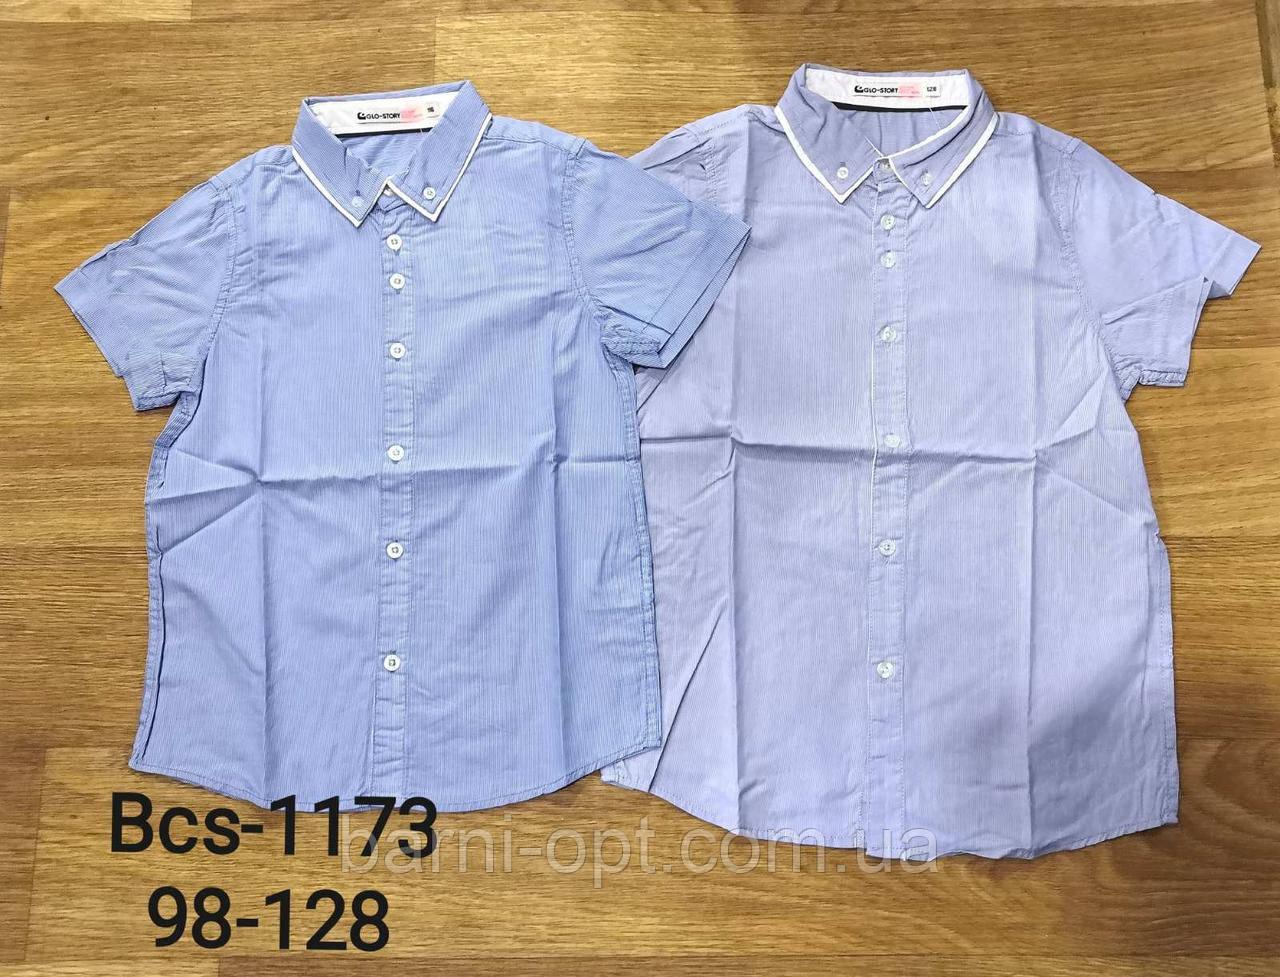 Рубашки на мальчиков оптом, Glo-Story, 98-128 рр.